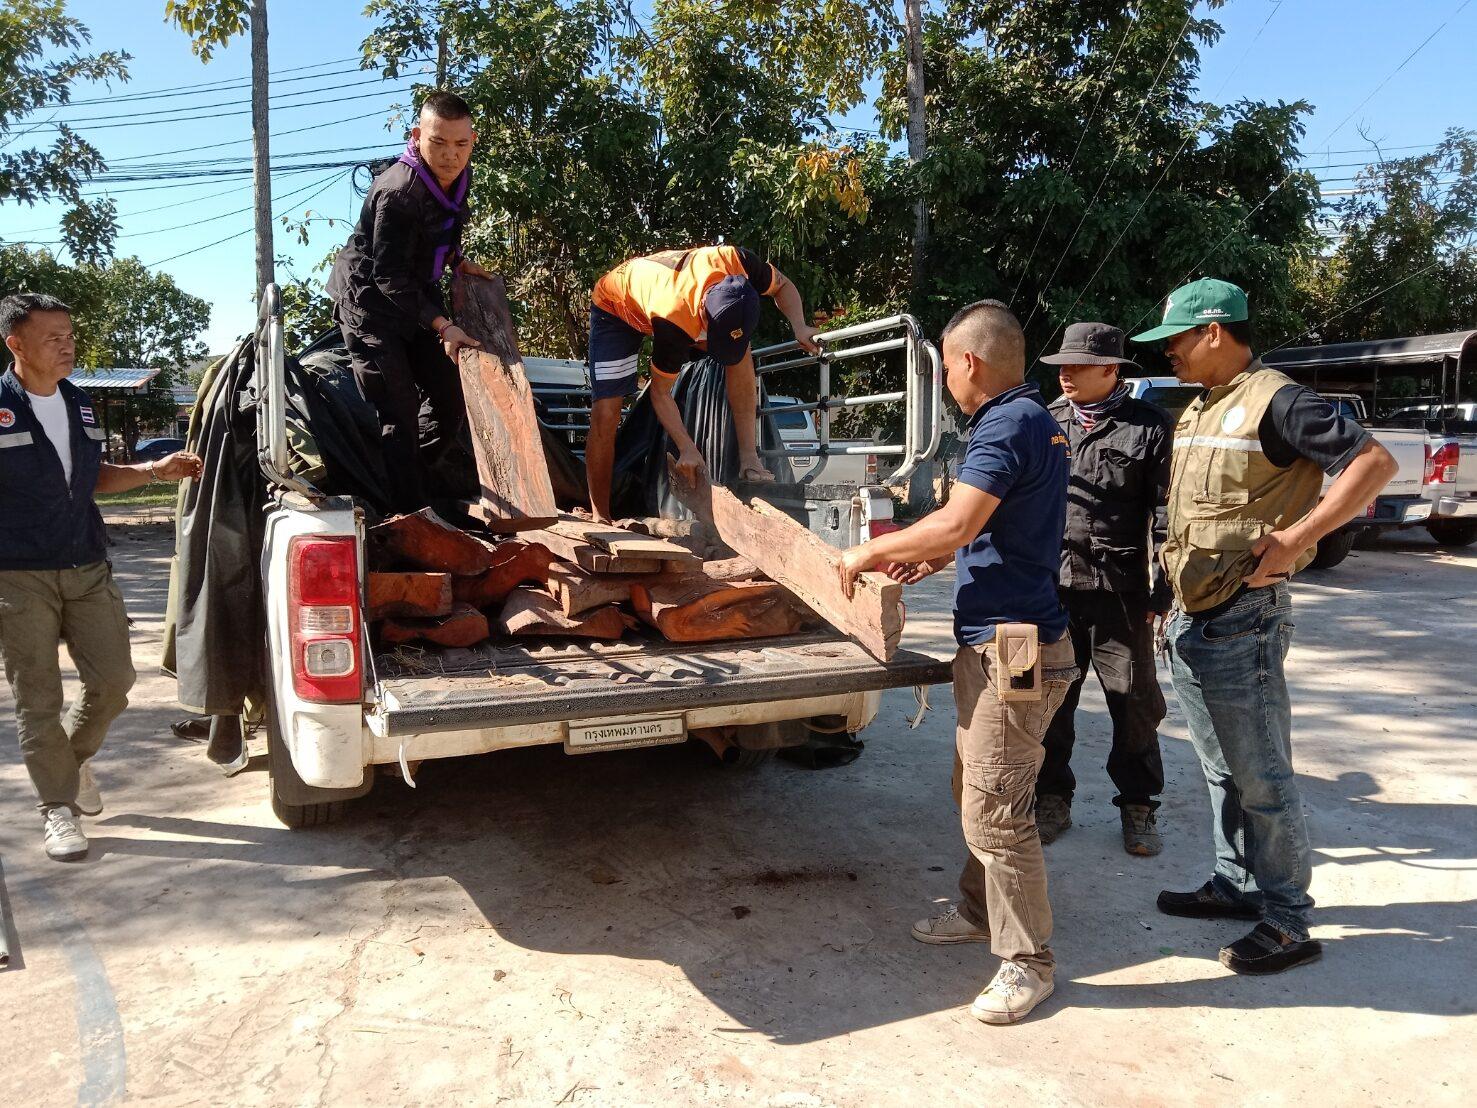 ยึดกระบะขนไม้พะยูง 138 ท่อน จ่อข้ามโขงส่งประเทศเพื่อนบ้าน